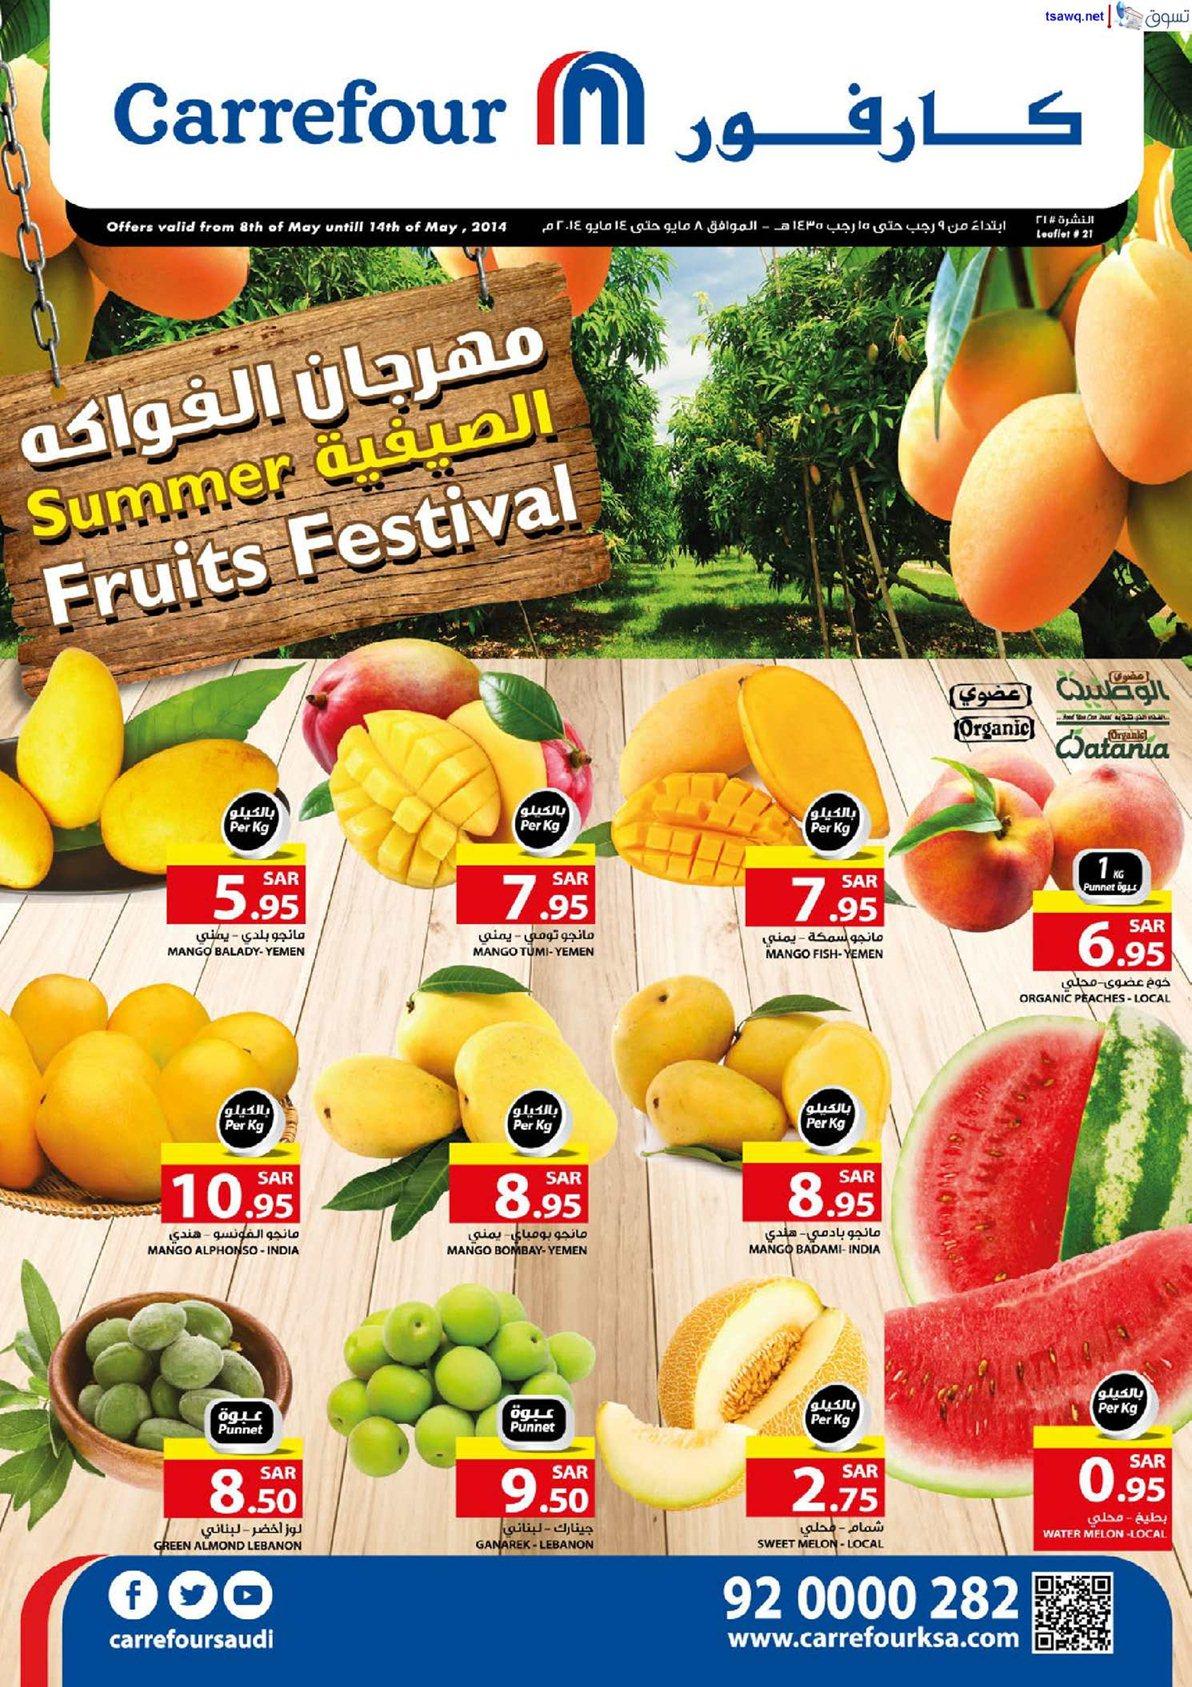 تخفيضات كارفور السعودية من 8 مايو حتى 15 مايو 2014 مهرجان فواكه الصيف اليوم 1435